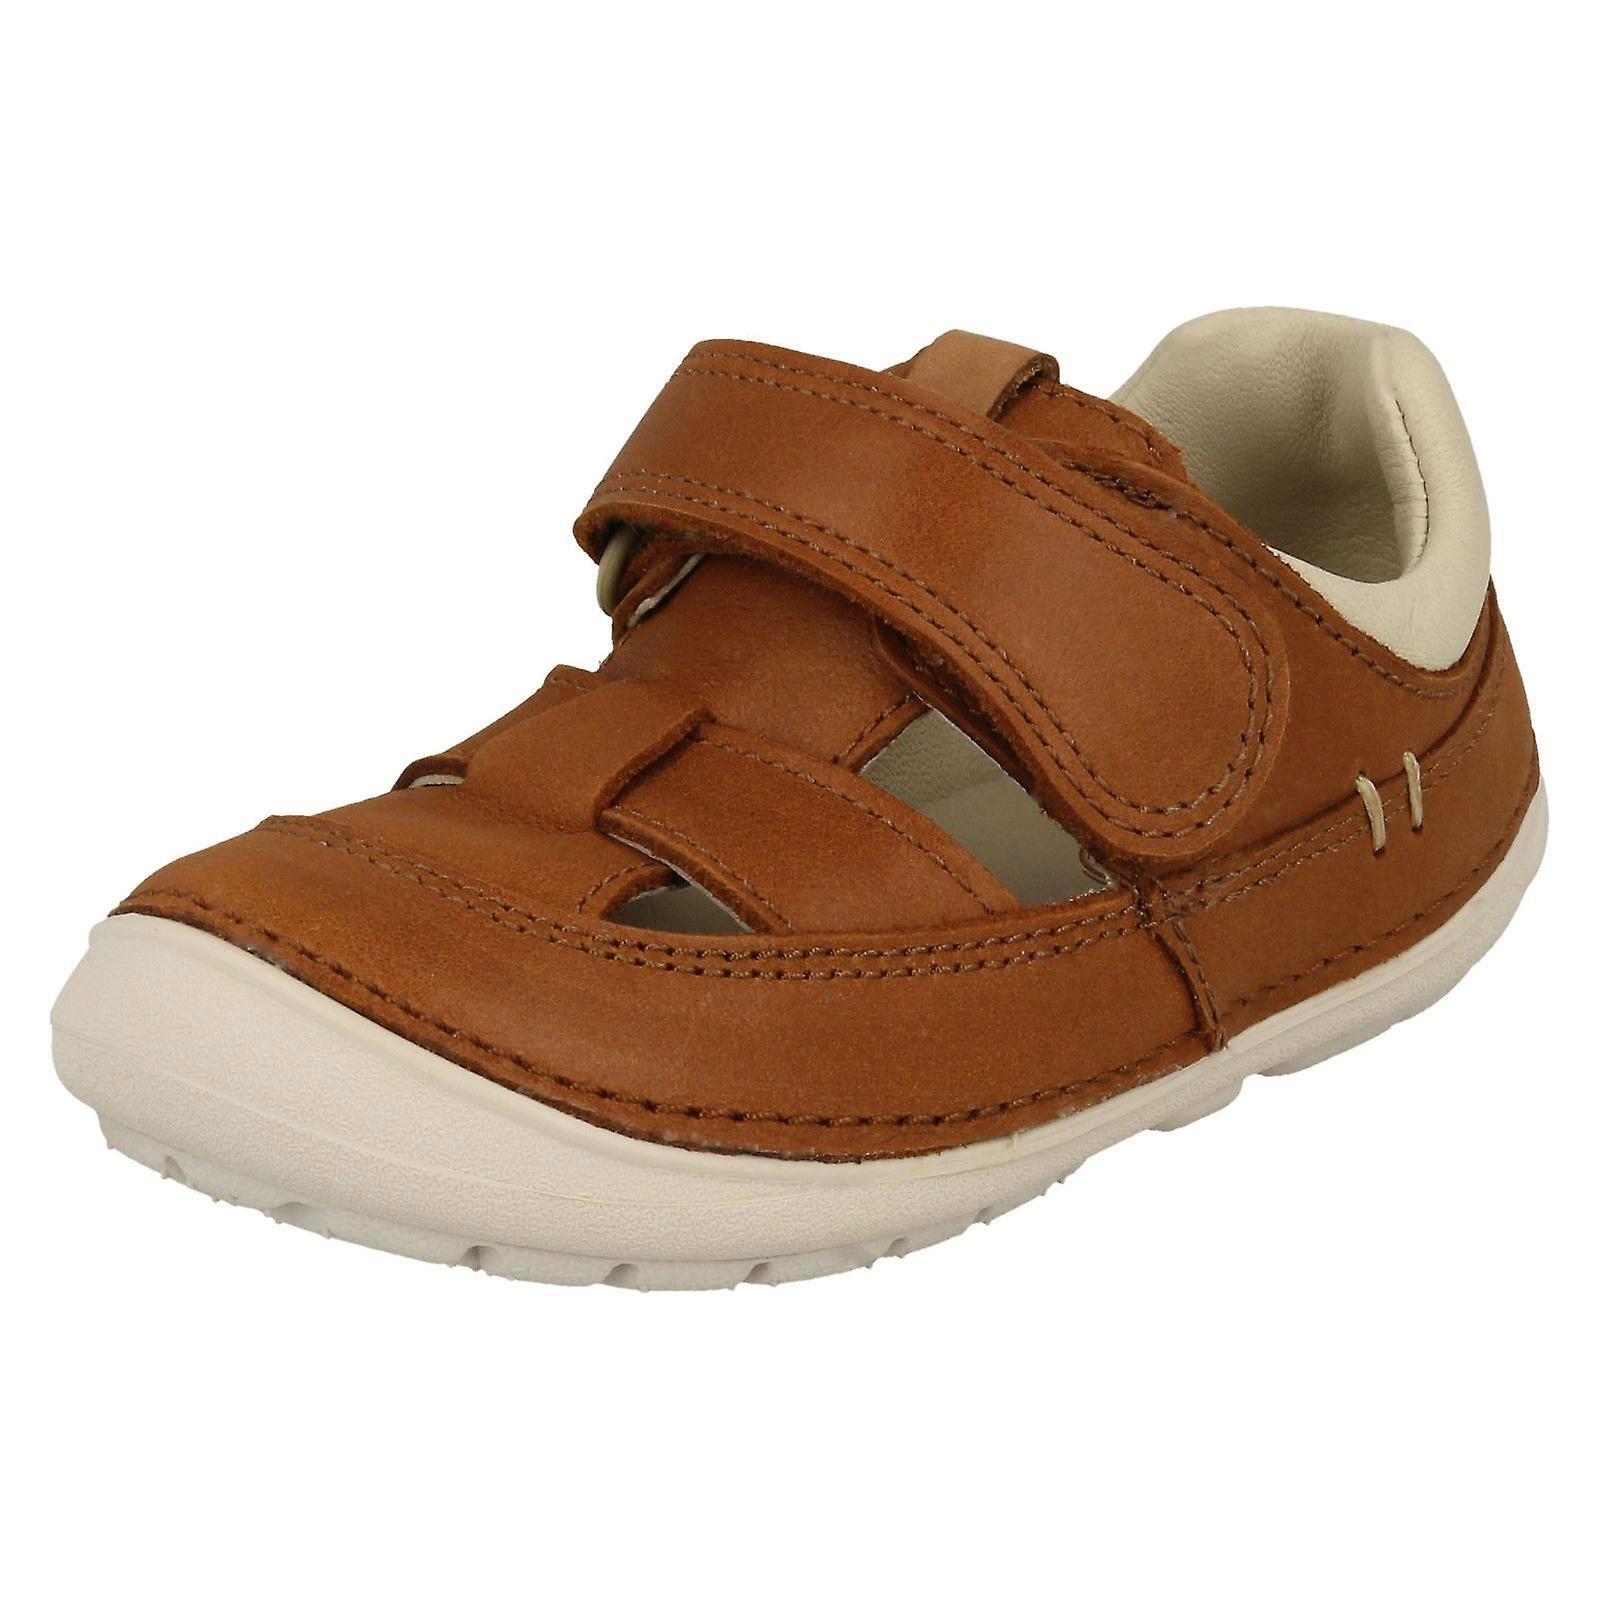 Garçons Clarks sandales de formateur occasionnel doucement Ash - cuir Tan - UK Taille 4.5F - UE Taille 20.5 - Taille US 5 M